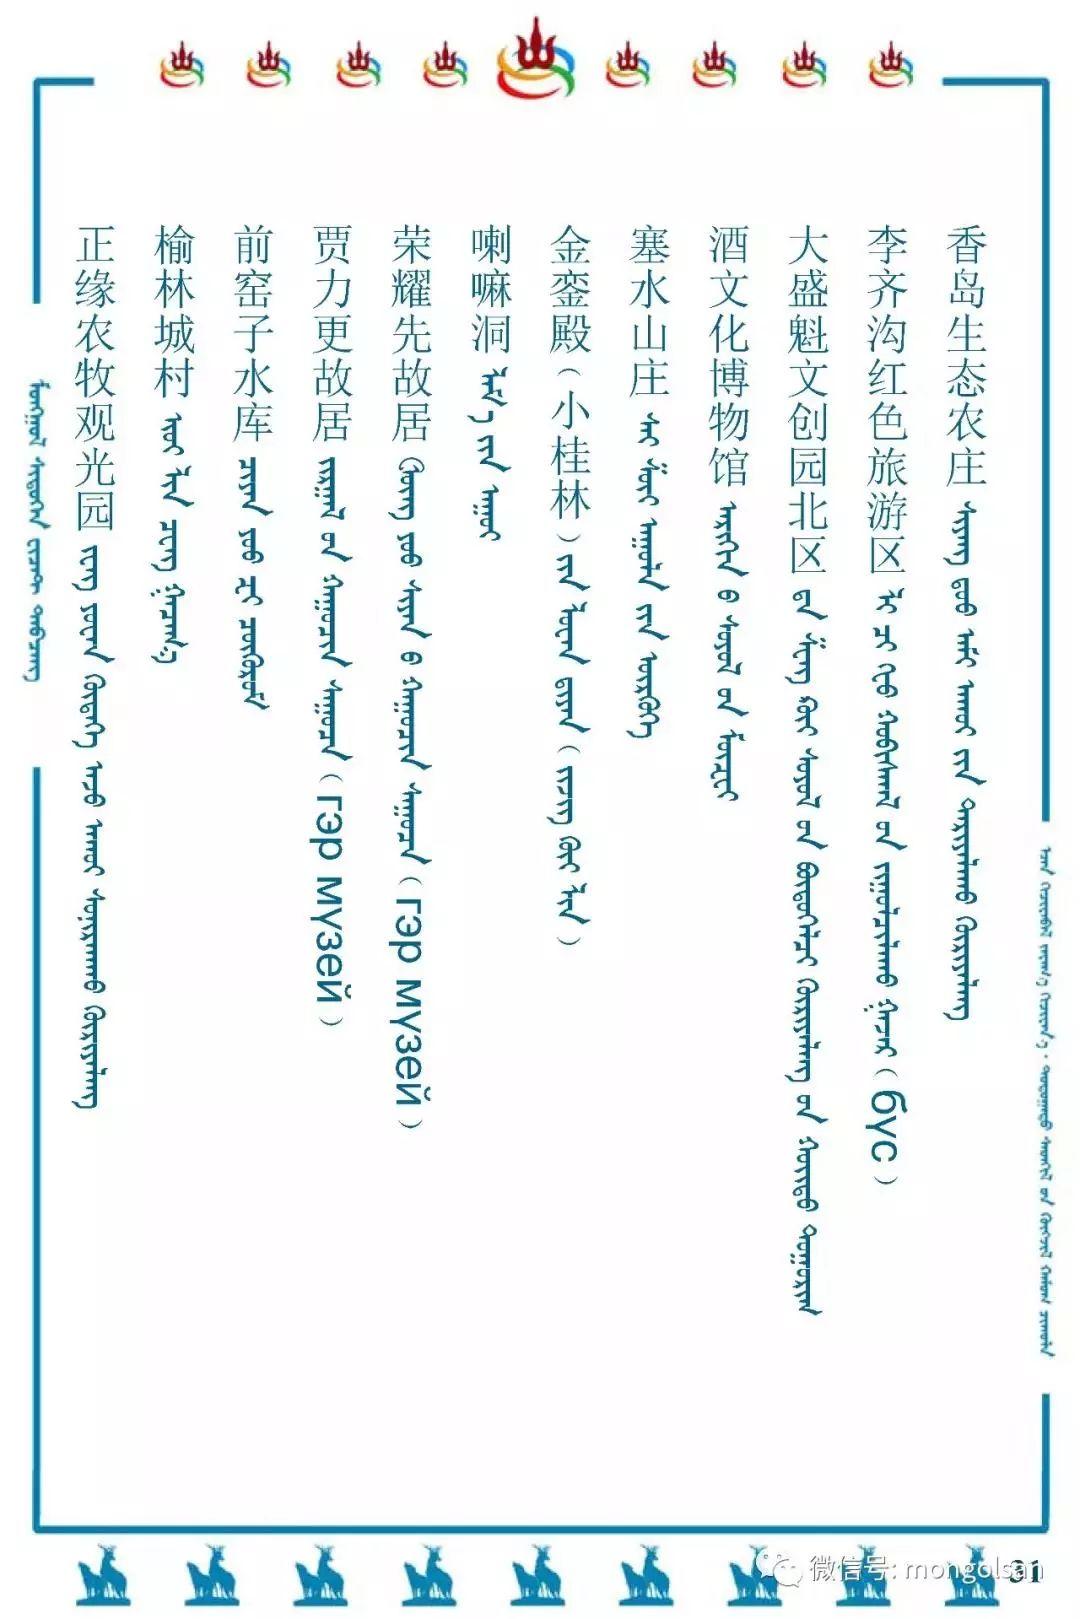 最新名词蒙古语翻译参考 第31张